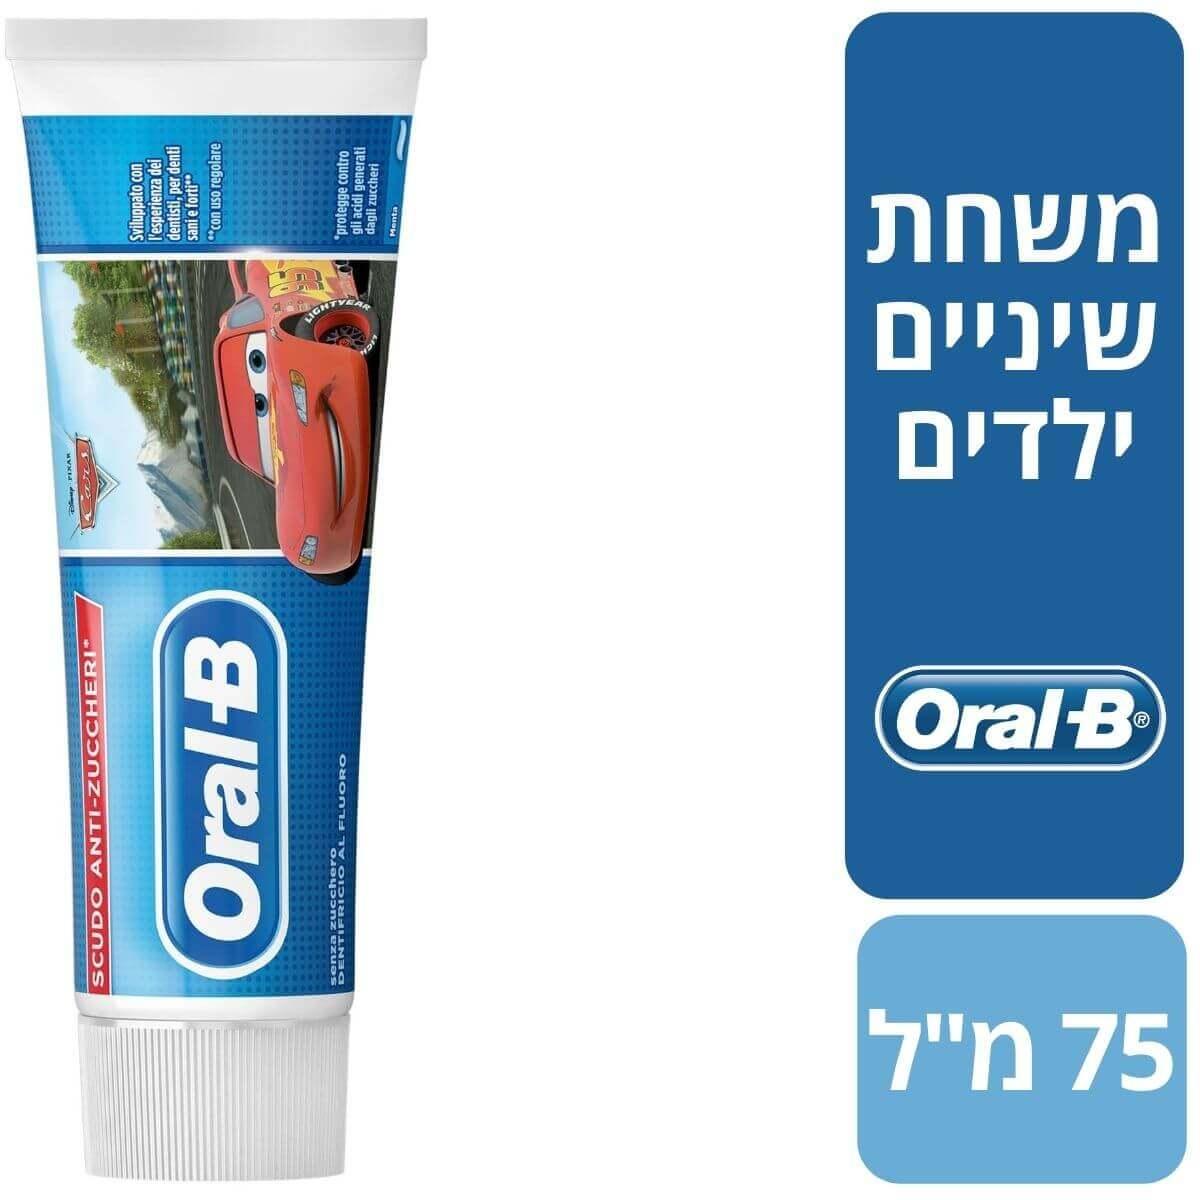 אורל בי משחת שיניים לילדים לגיל 2-6 שנים קארסתמונה של